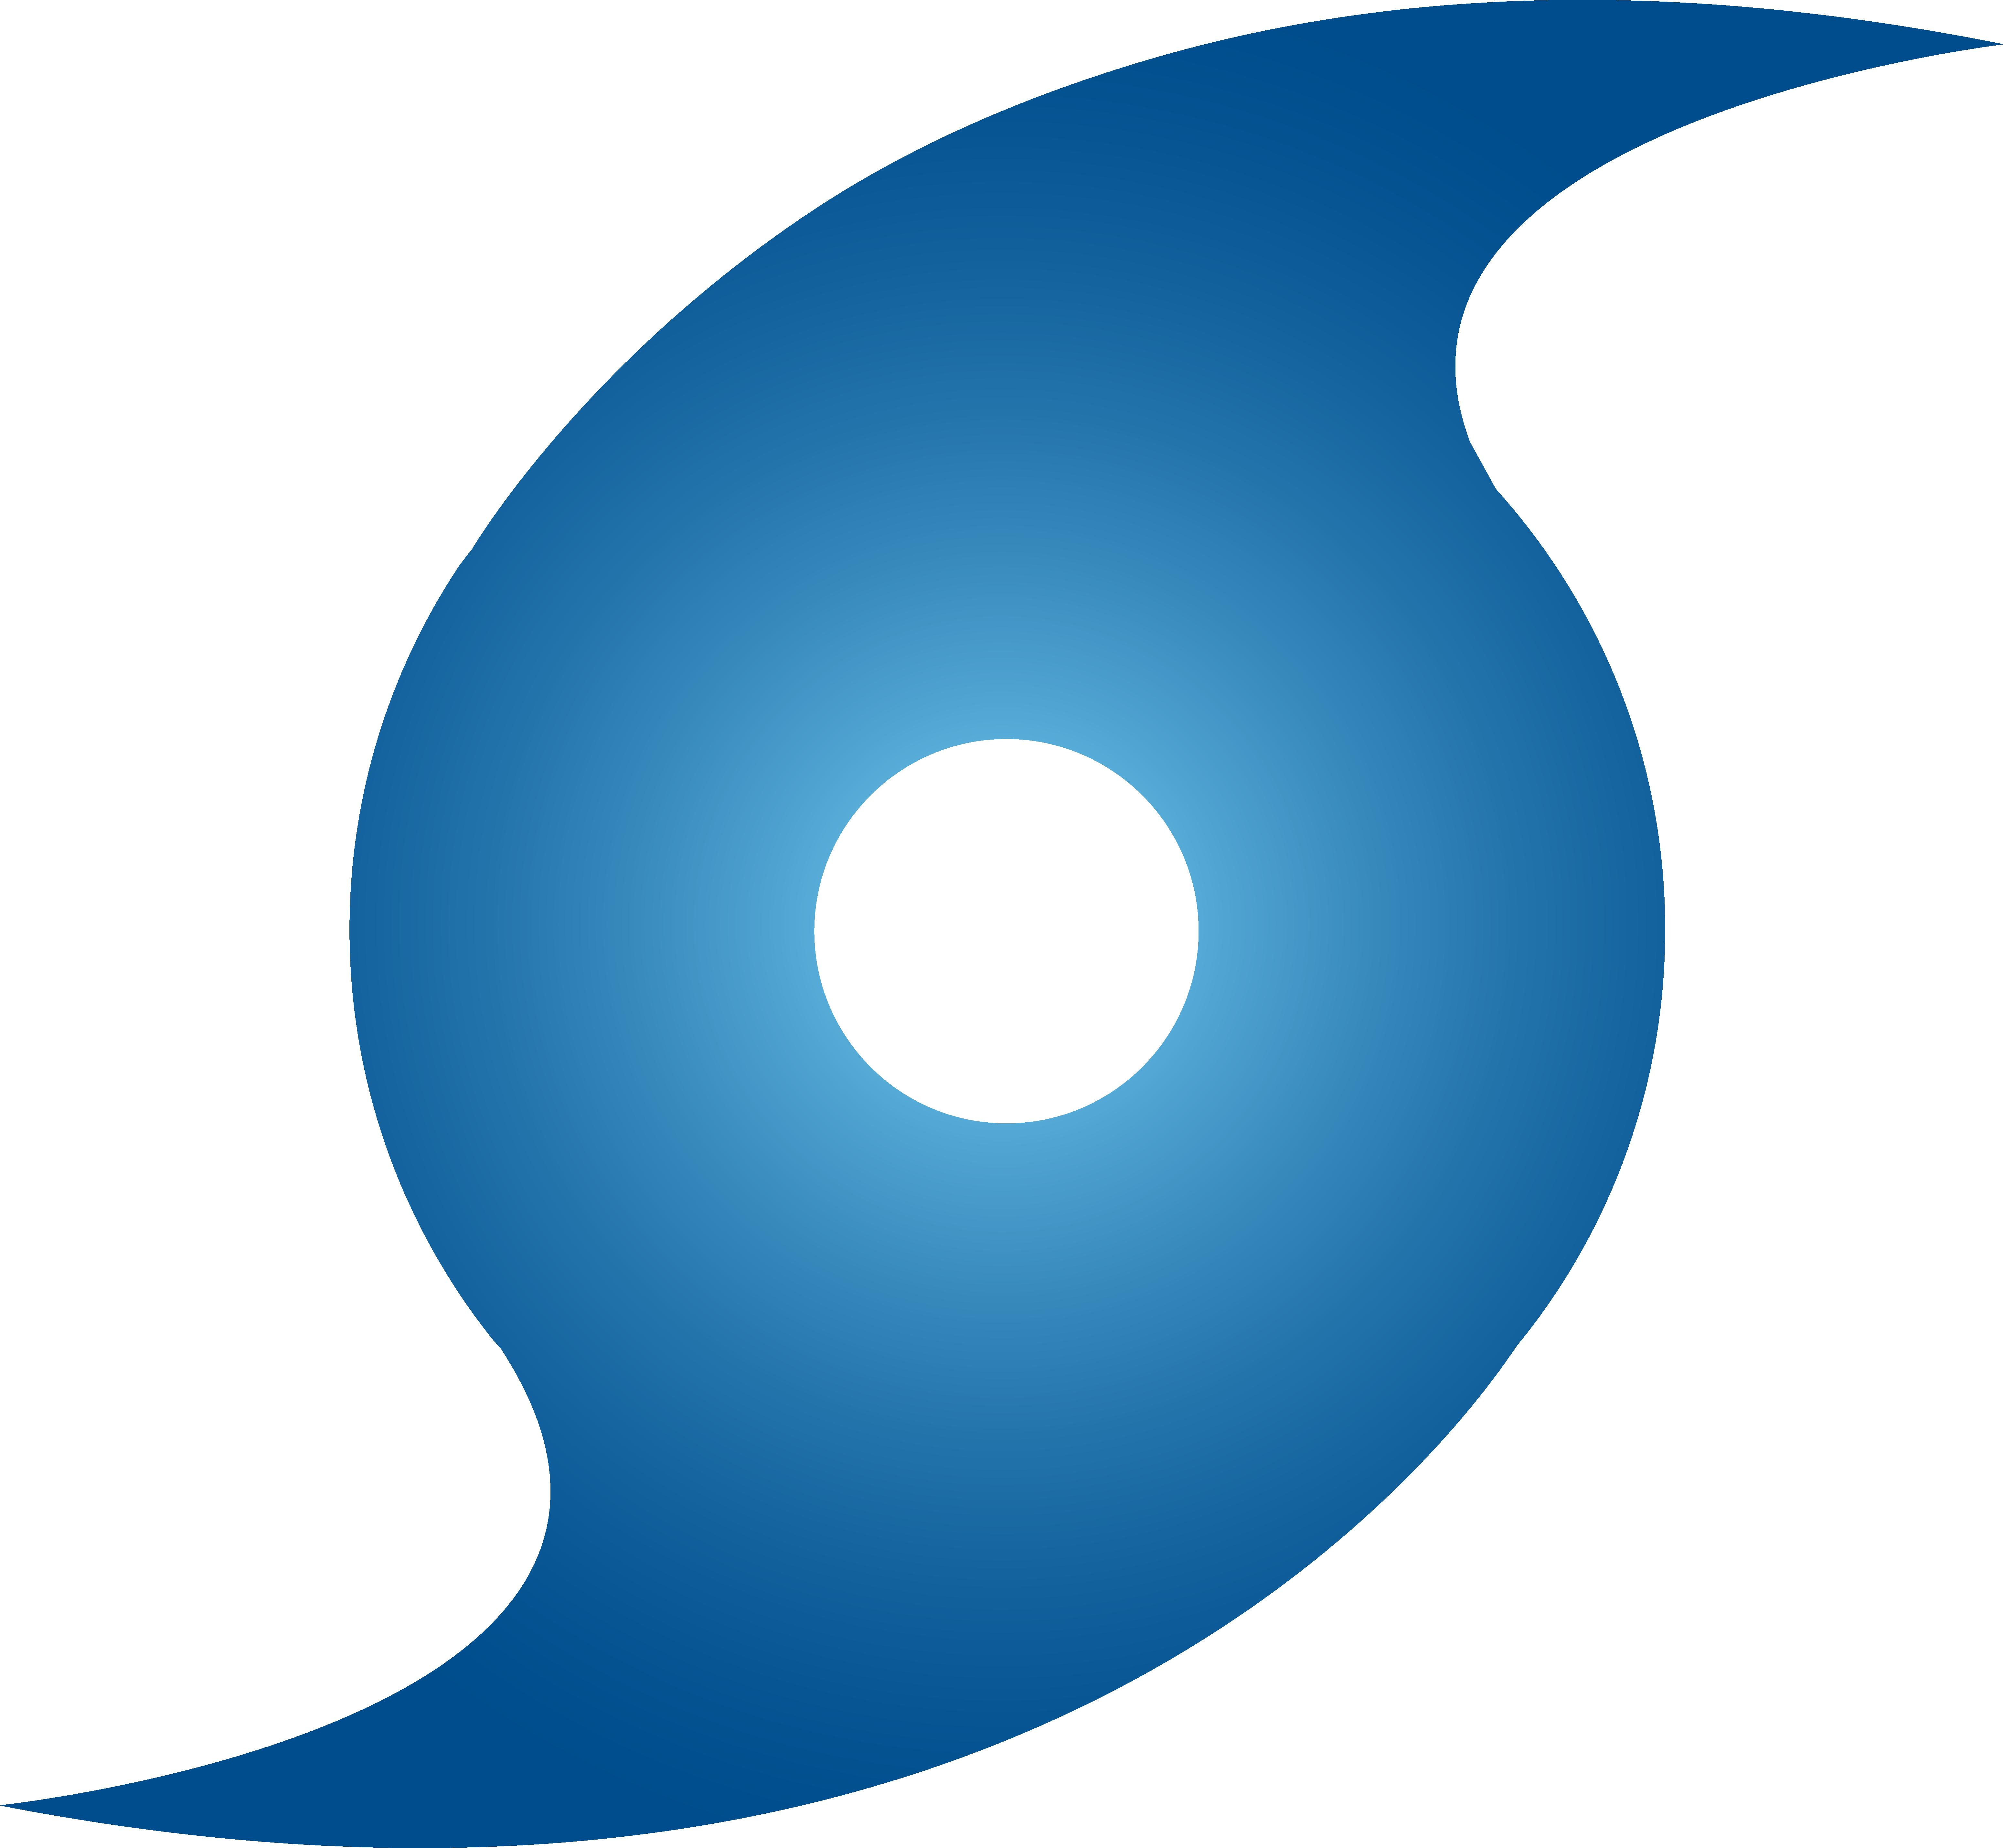 16 Blue Icon Clip Art Images